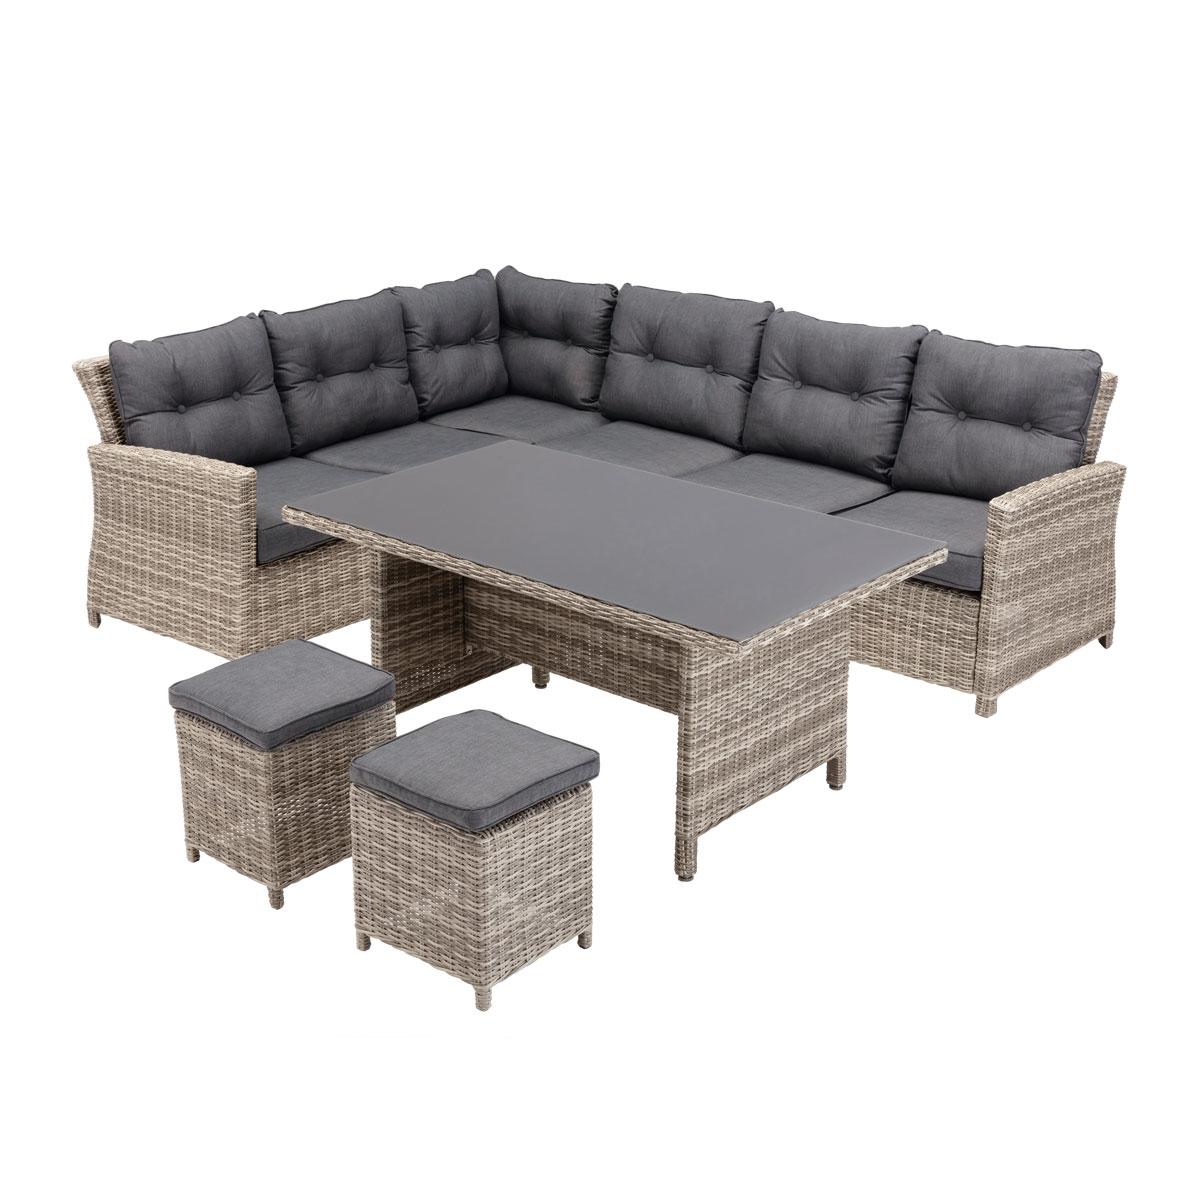 """Loungemöbel - Loungegarnitur """"Bardolino"""" Tisch 2 Hocker, inkl. 3 Kissen, grau meliert  - Onlineshop Hellweg"""